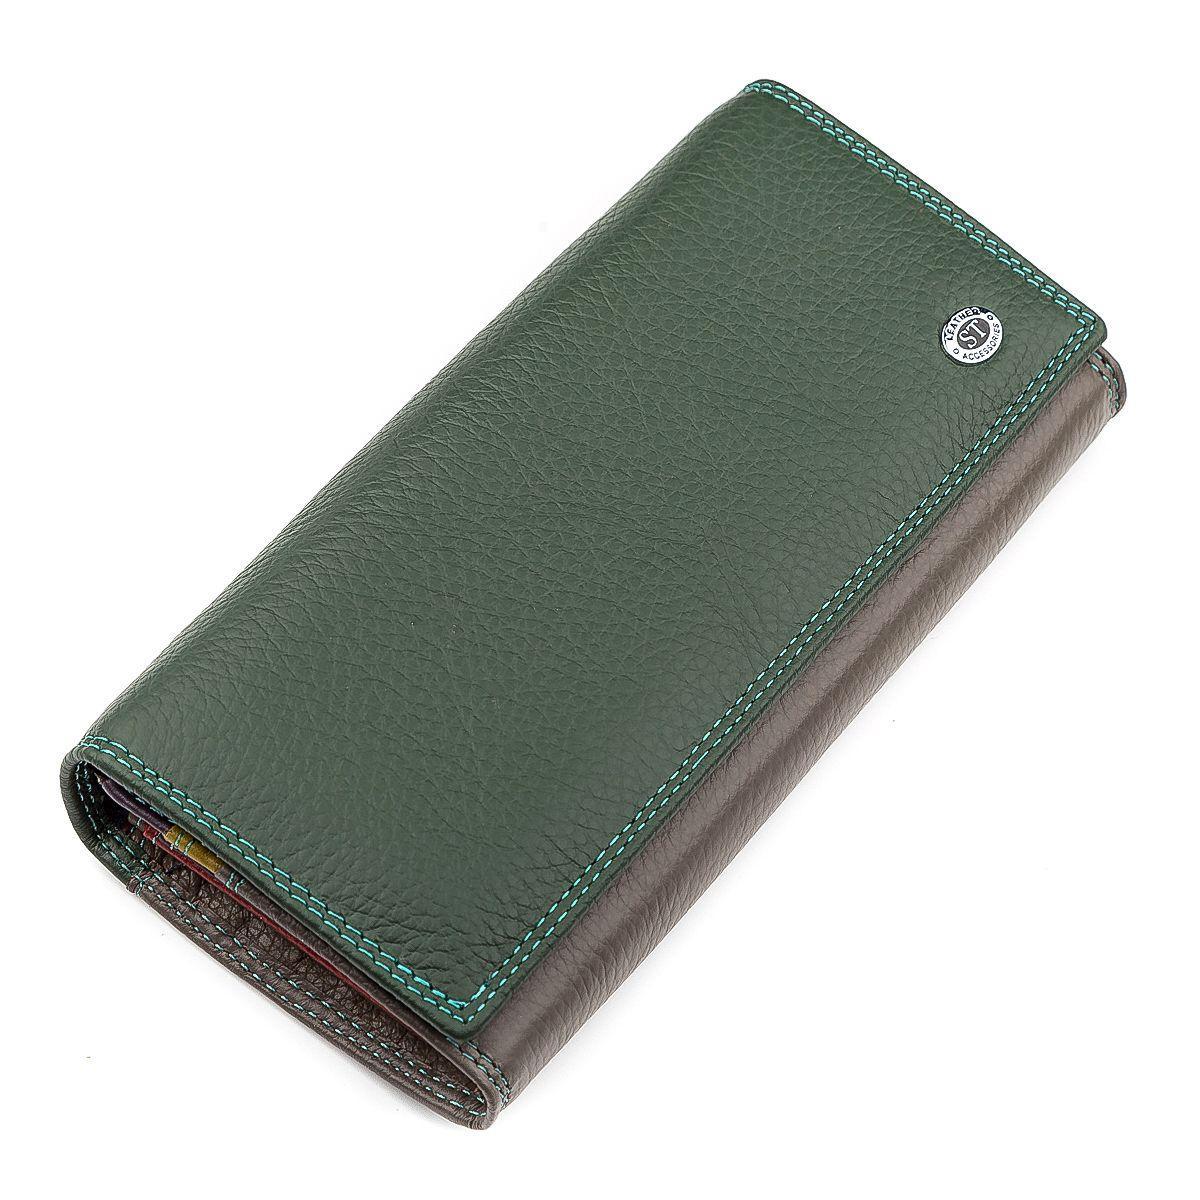 Кошелек Женский St Leather 18388 (Sb237) Нарядный Зеленый, Зеленый